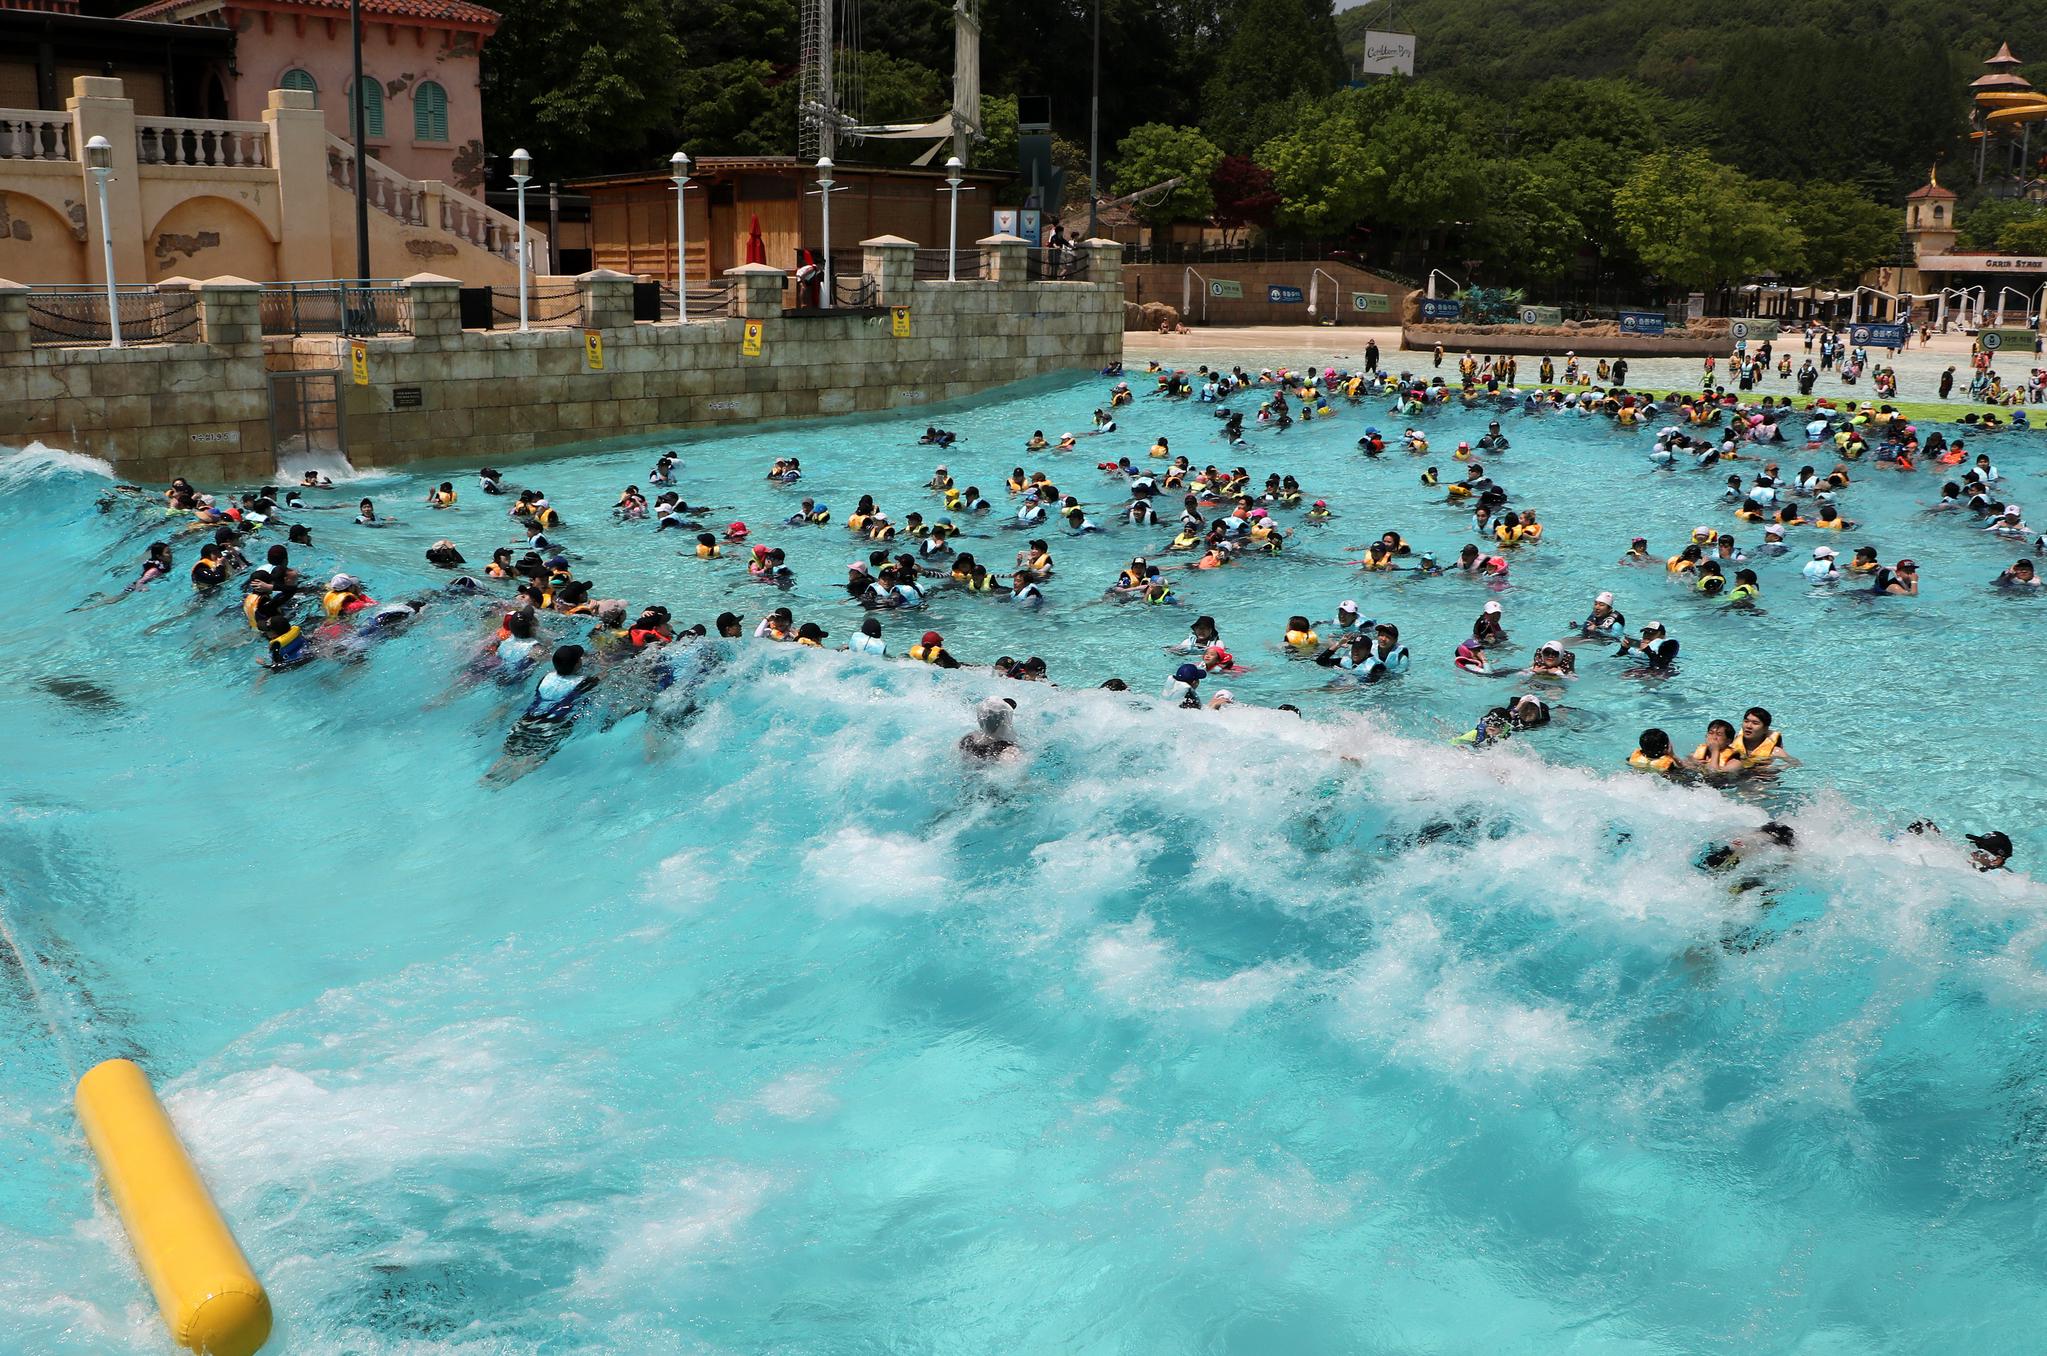 초여름 날씨를 보인 5일 오전 경기도 용인시 처인구 캐리비안 베이를 찾은 시민들이 인공파도풀에서 물놀이를 즐기고 있다. [뉴스1]